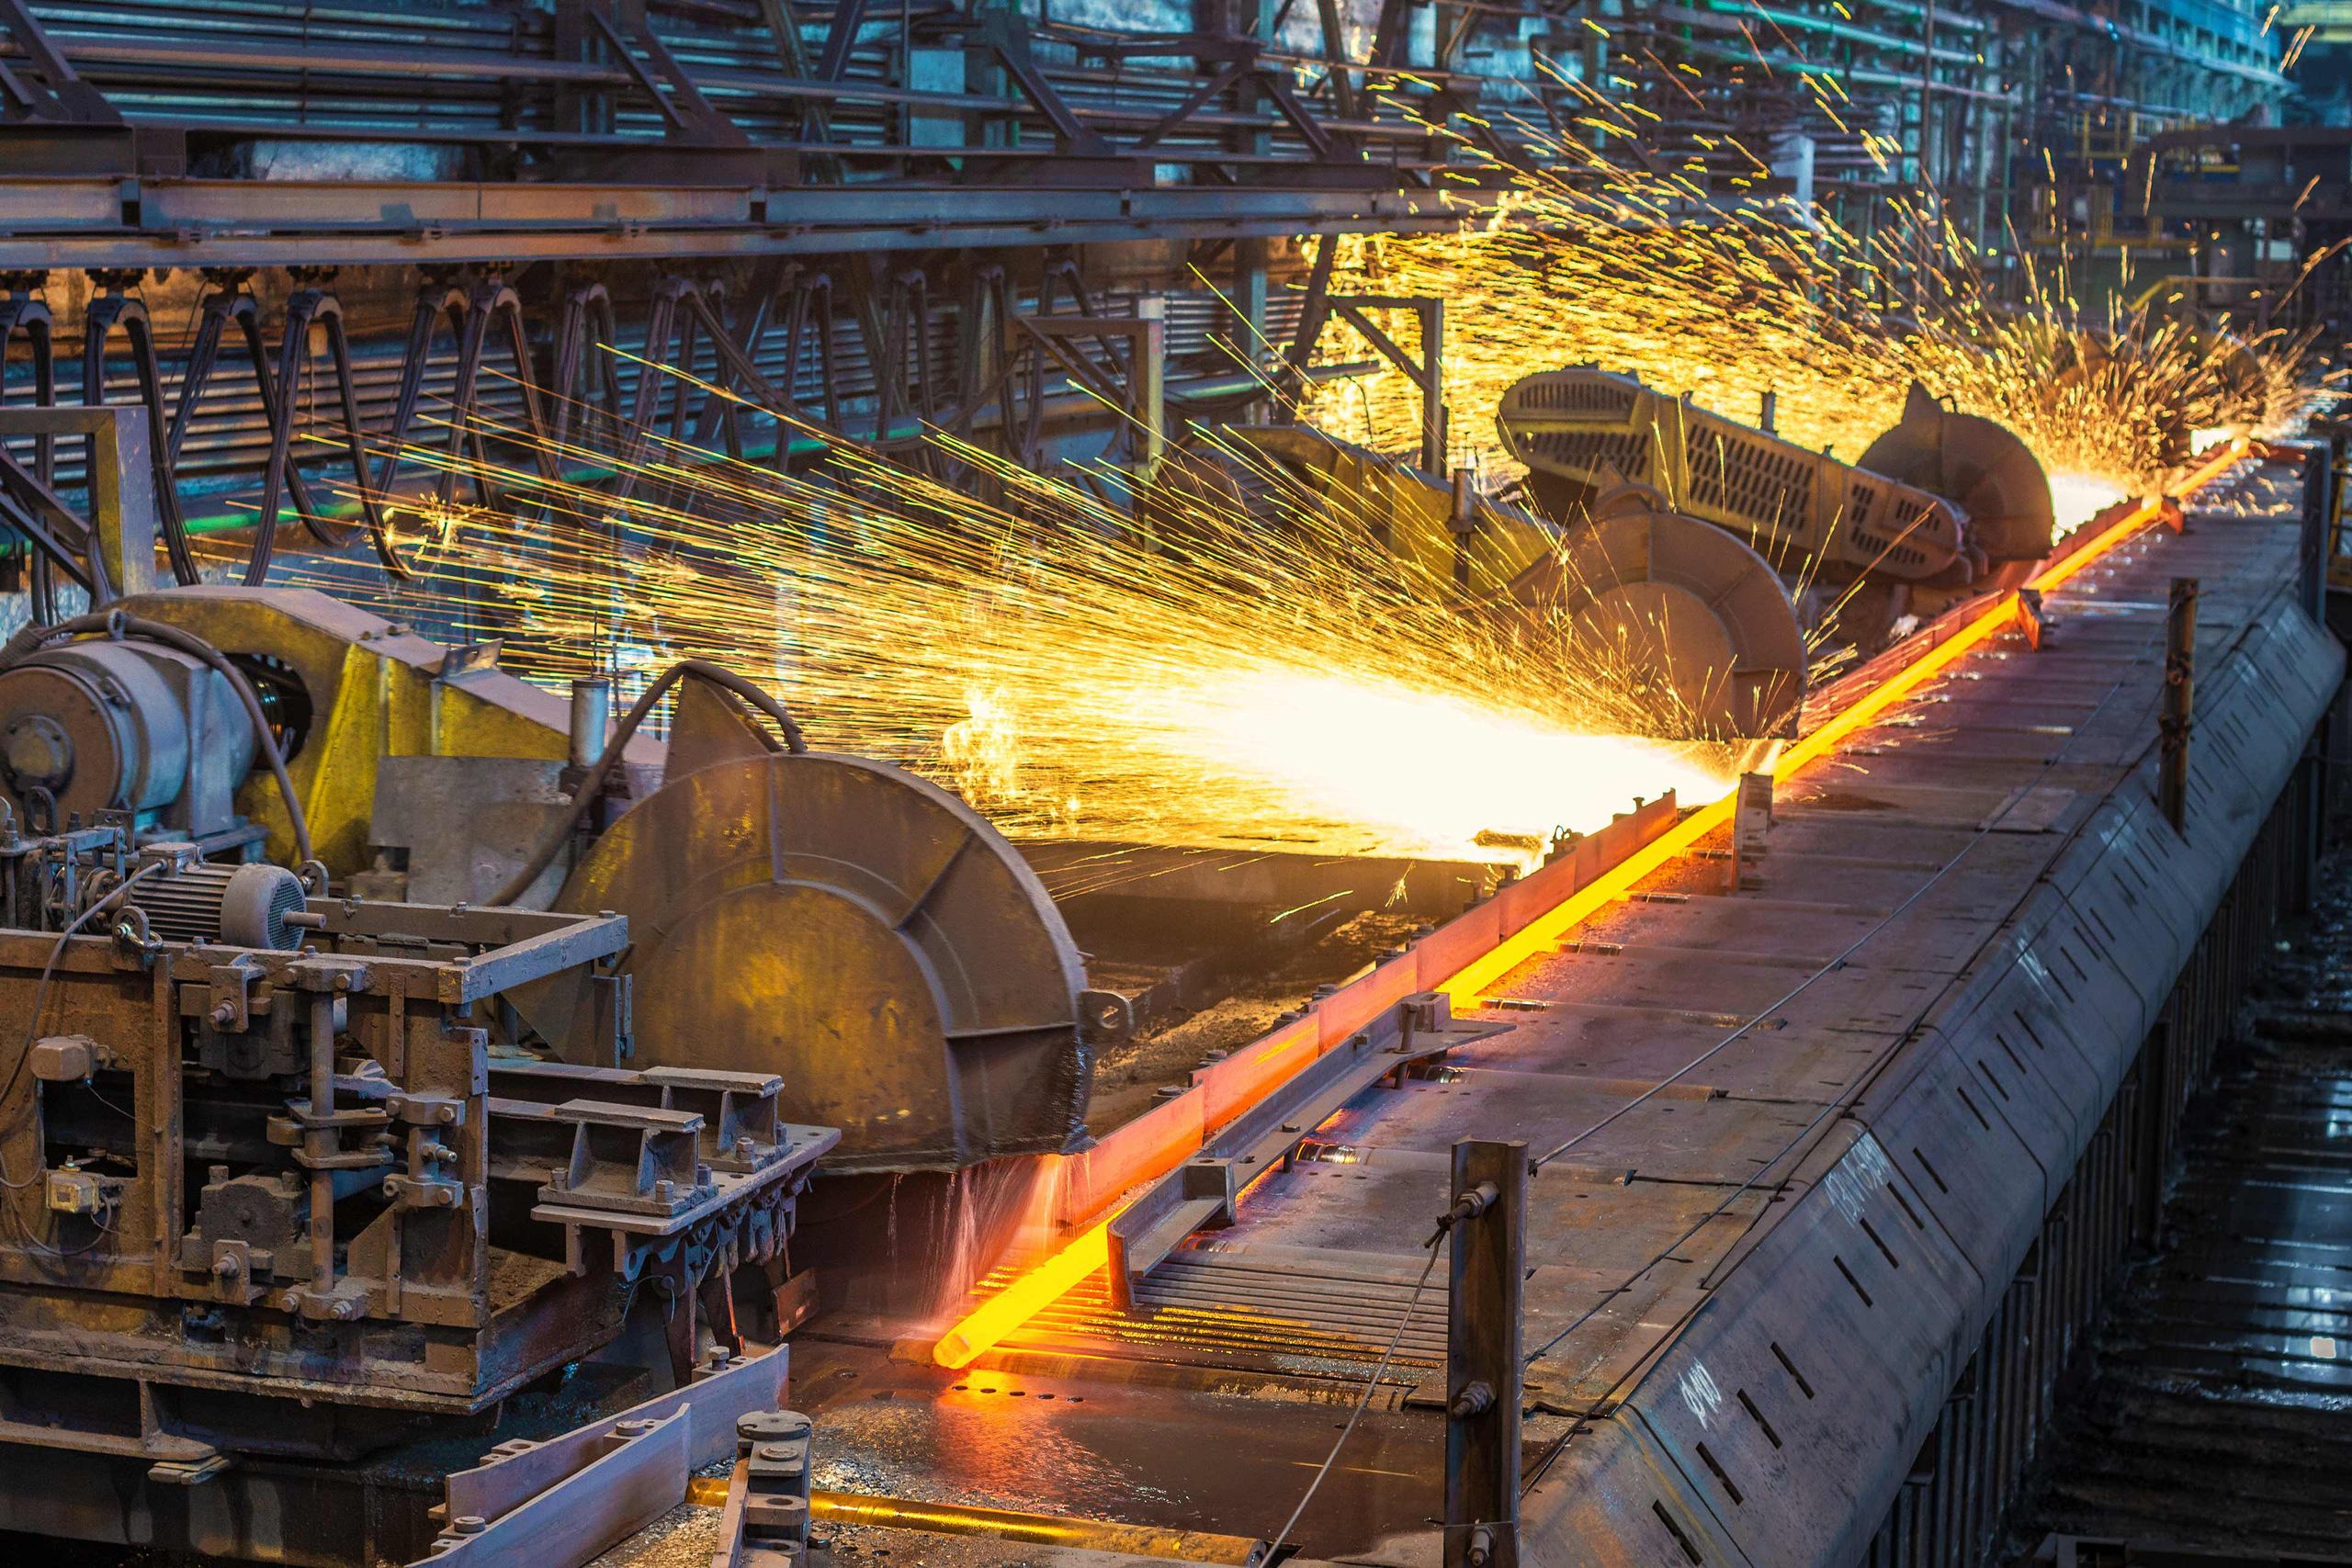 Giá thép xây dựng hôm nay 16/2: Không ghi nhận điều chỉnh mới trên Sàn Thượng Hải - Ảnh 3.